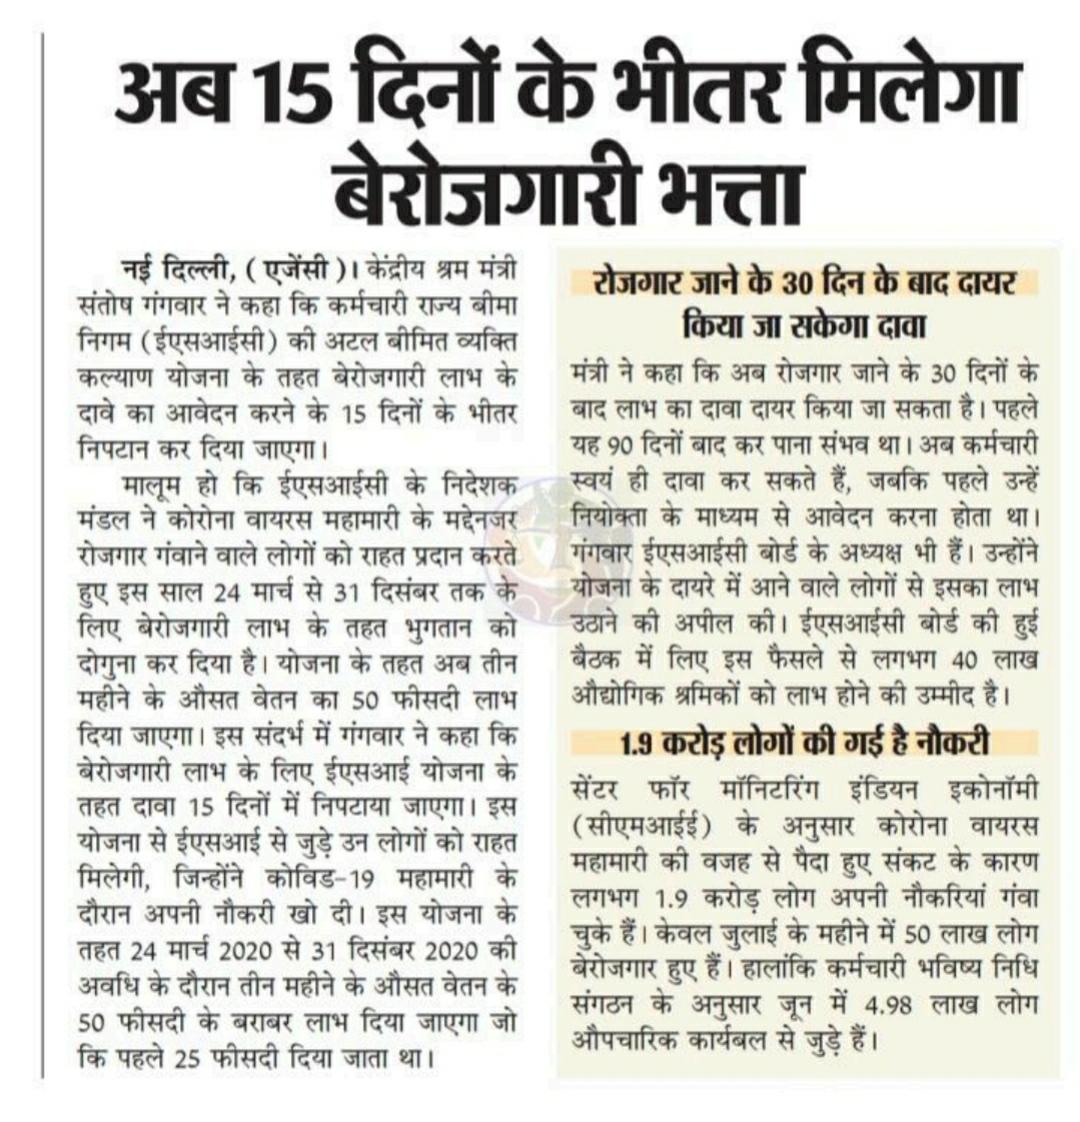 Berojgari Bhatta status Check